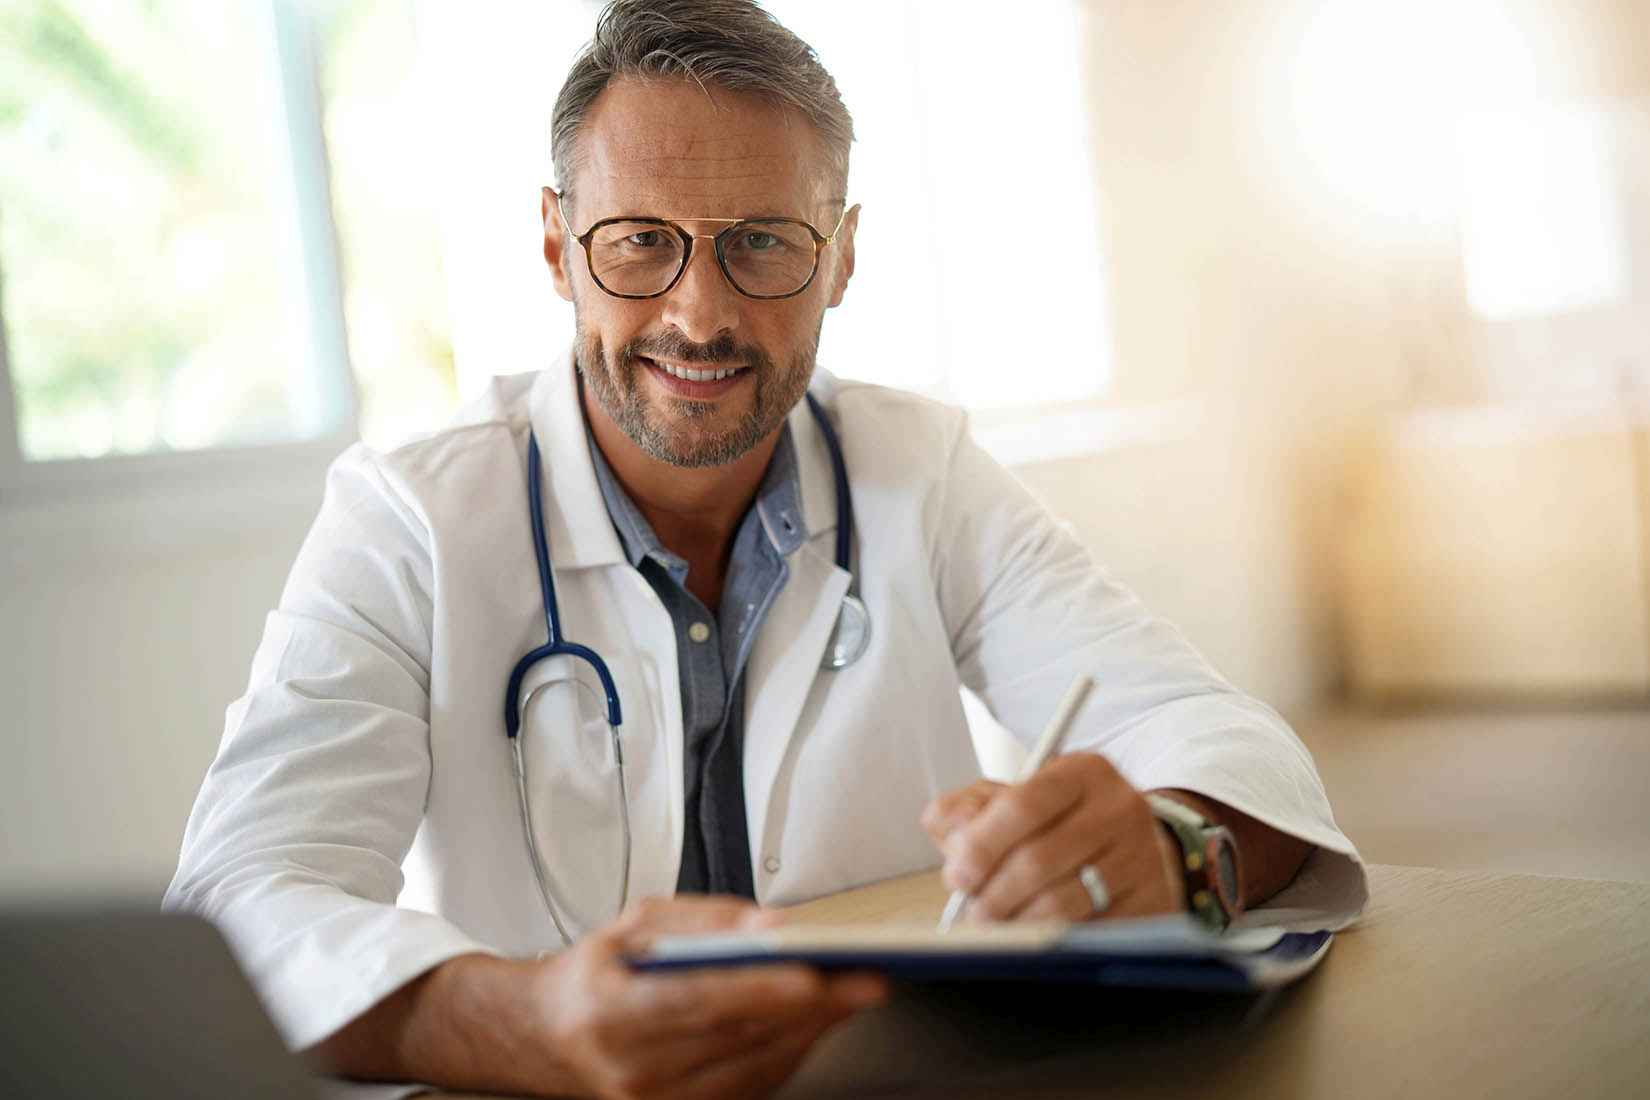 Facilitatori Di Laboratori Di Medicina Narrativa: Un Vero Successo